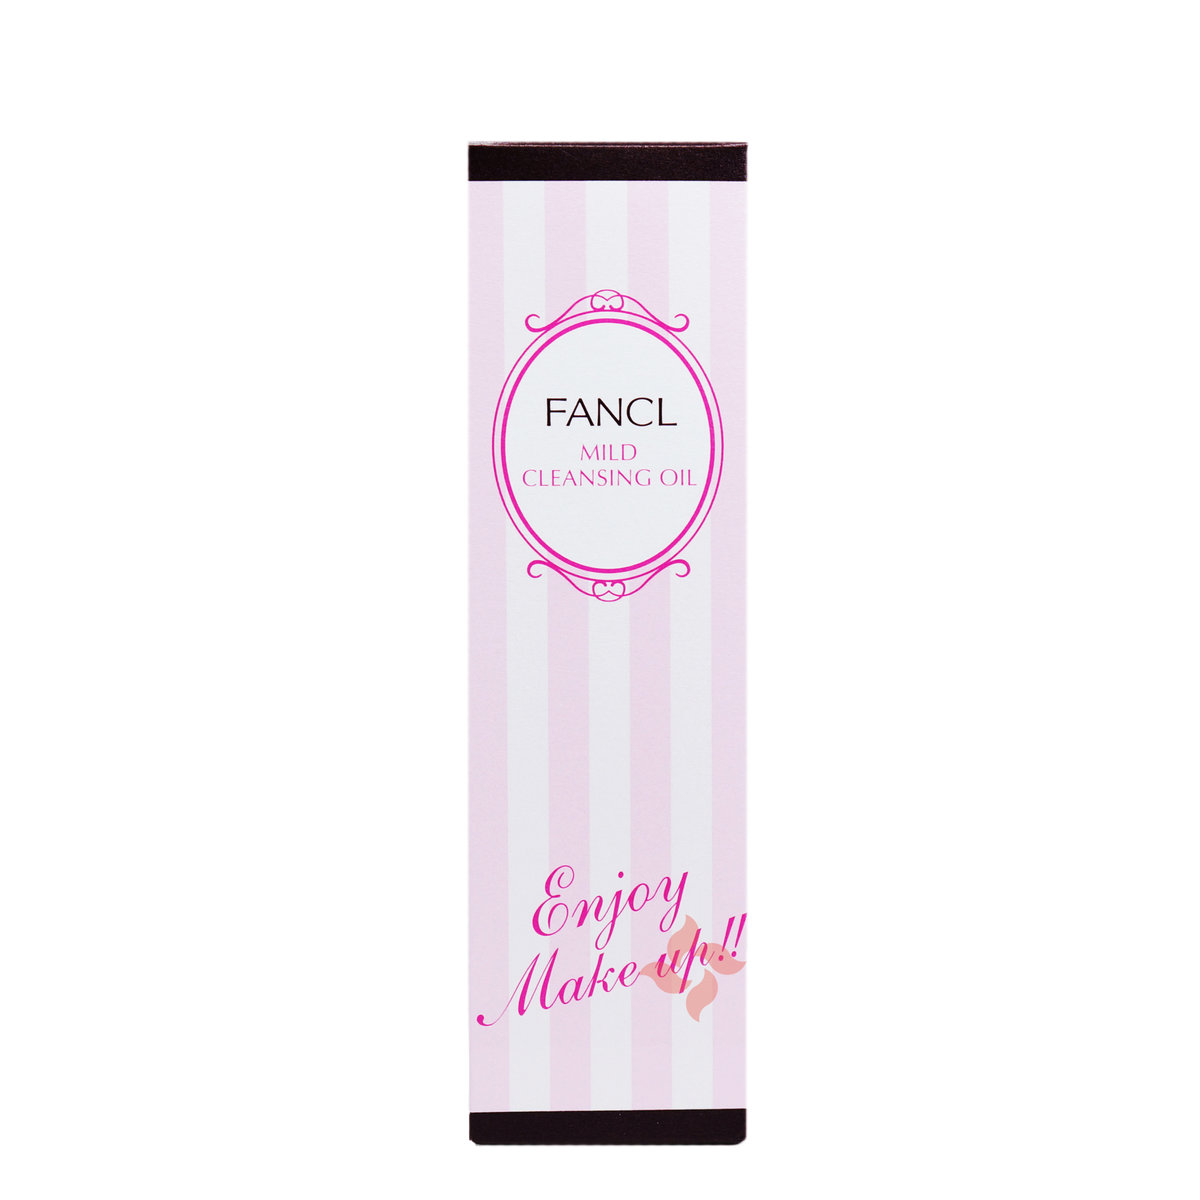 溫和卸妝油 120ml (粉紅條紋限定版) (4908049485719)